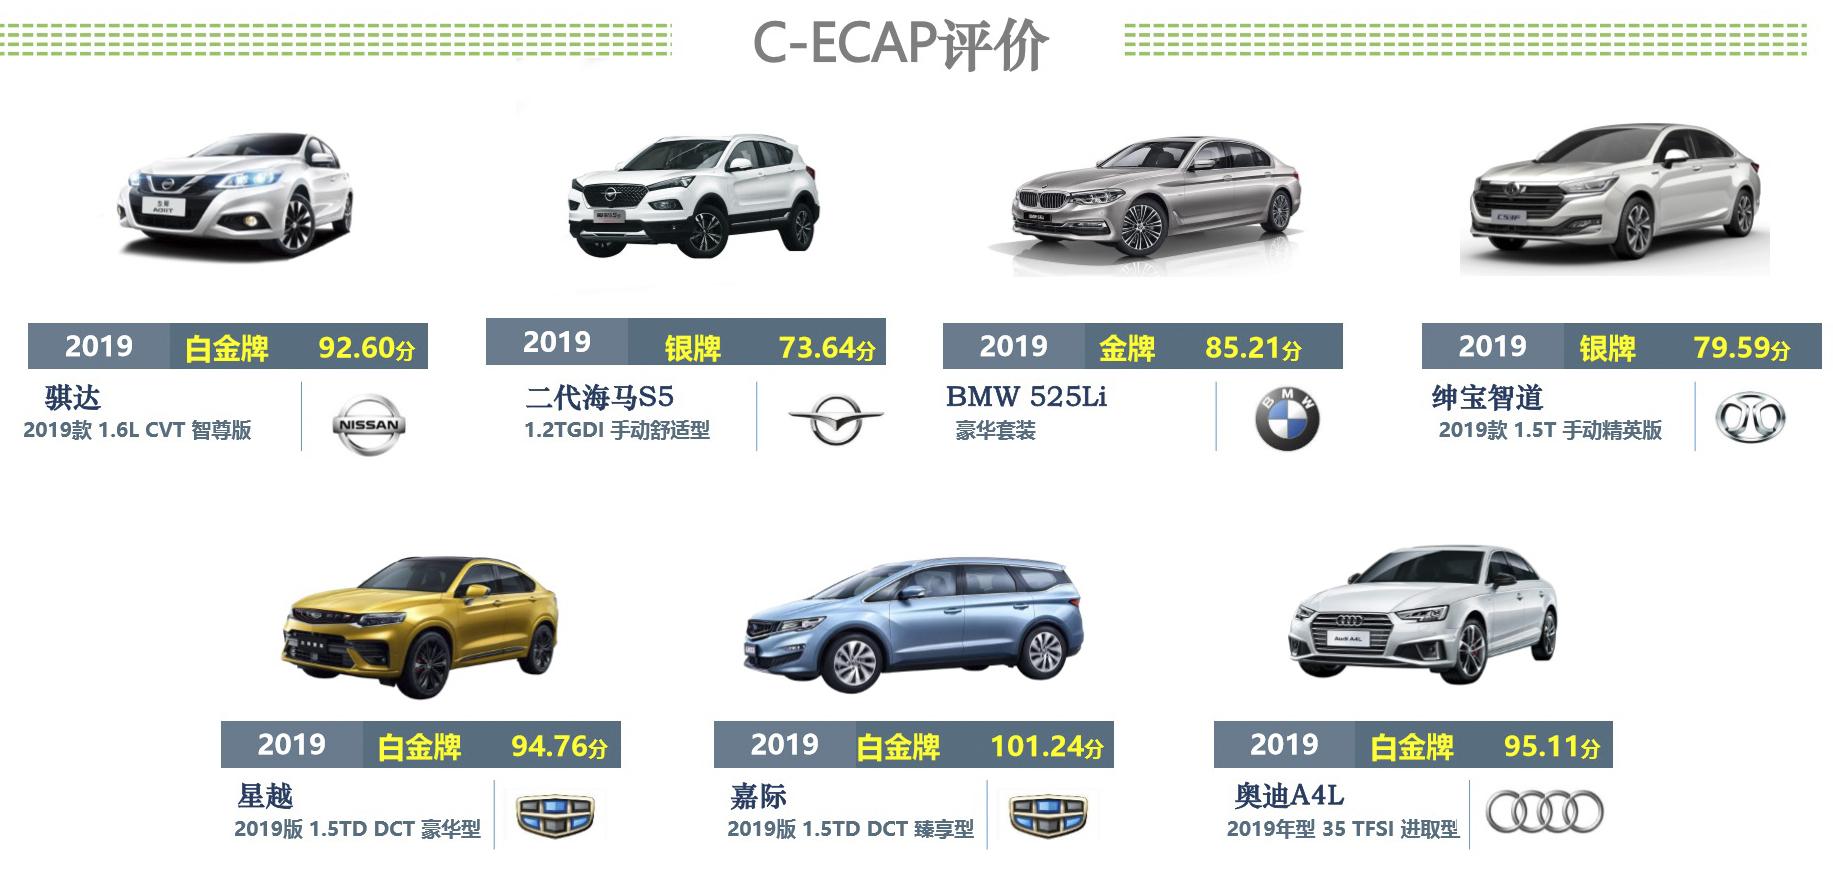 C-ECAP 7车成绩